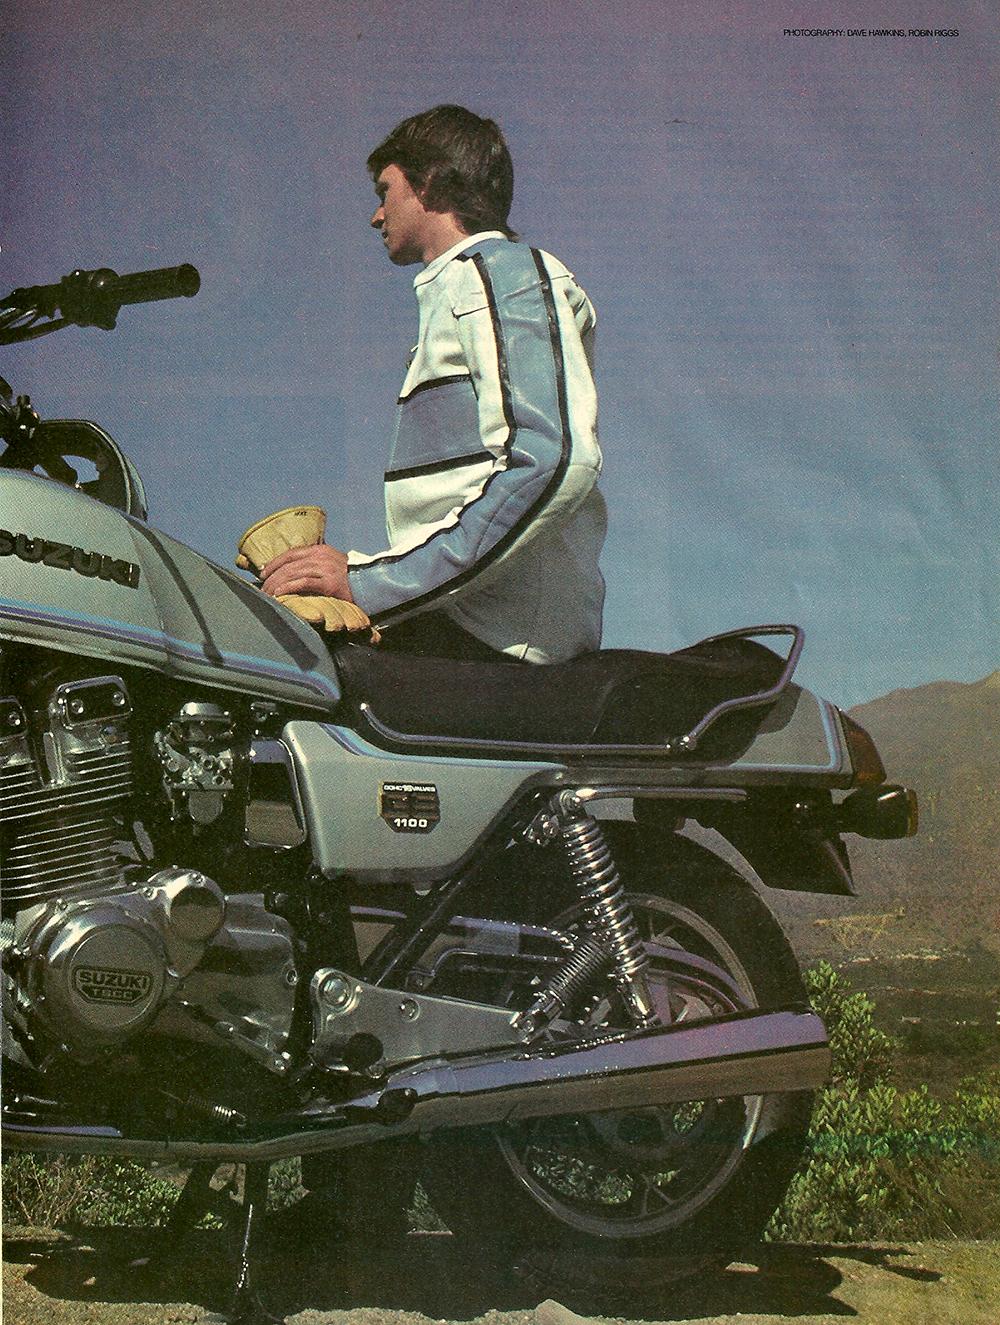 1980 Suzuki GS1100 ET road test 02.jpg